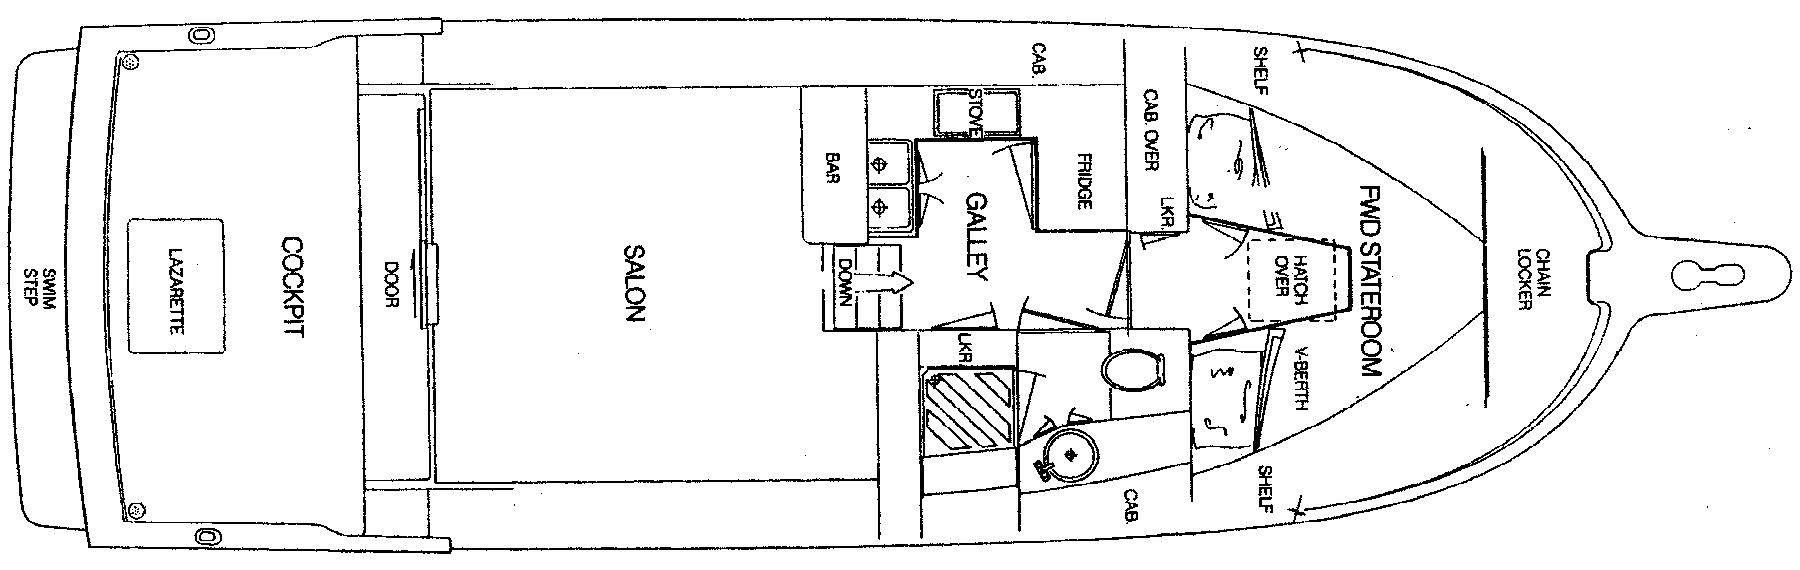 35 Convertible Floor Plan 1